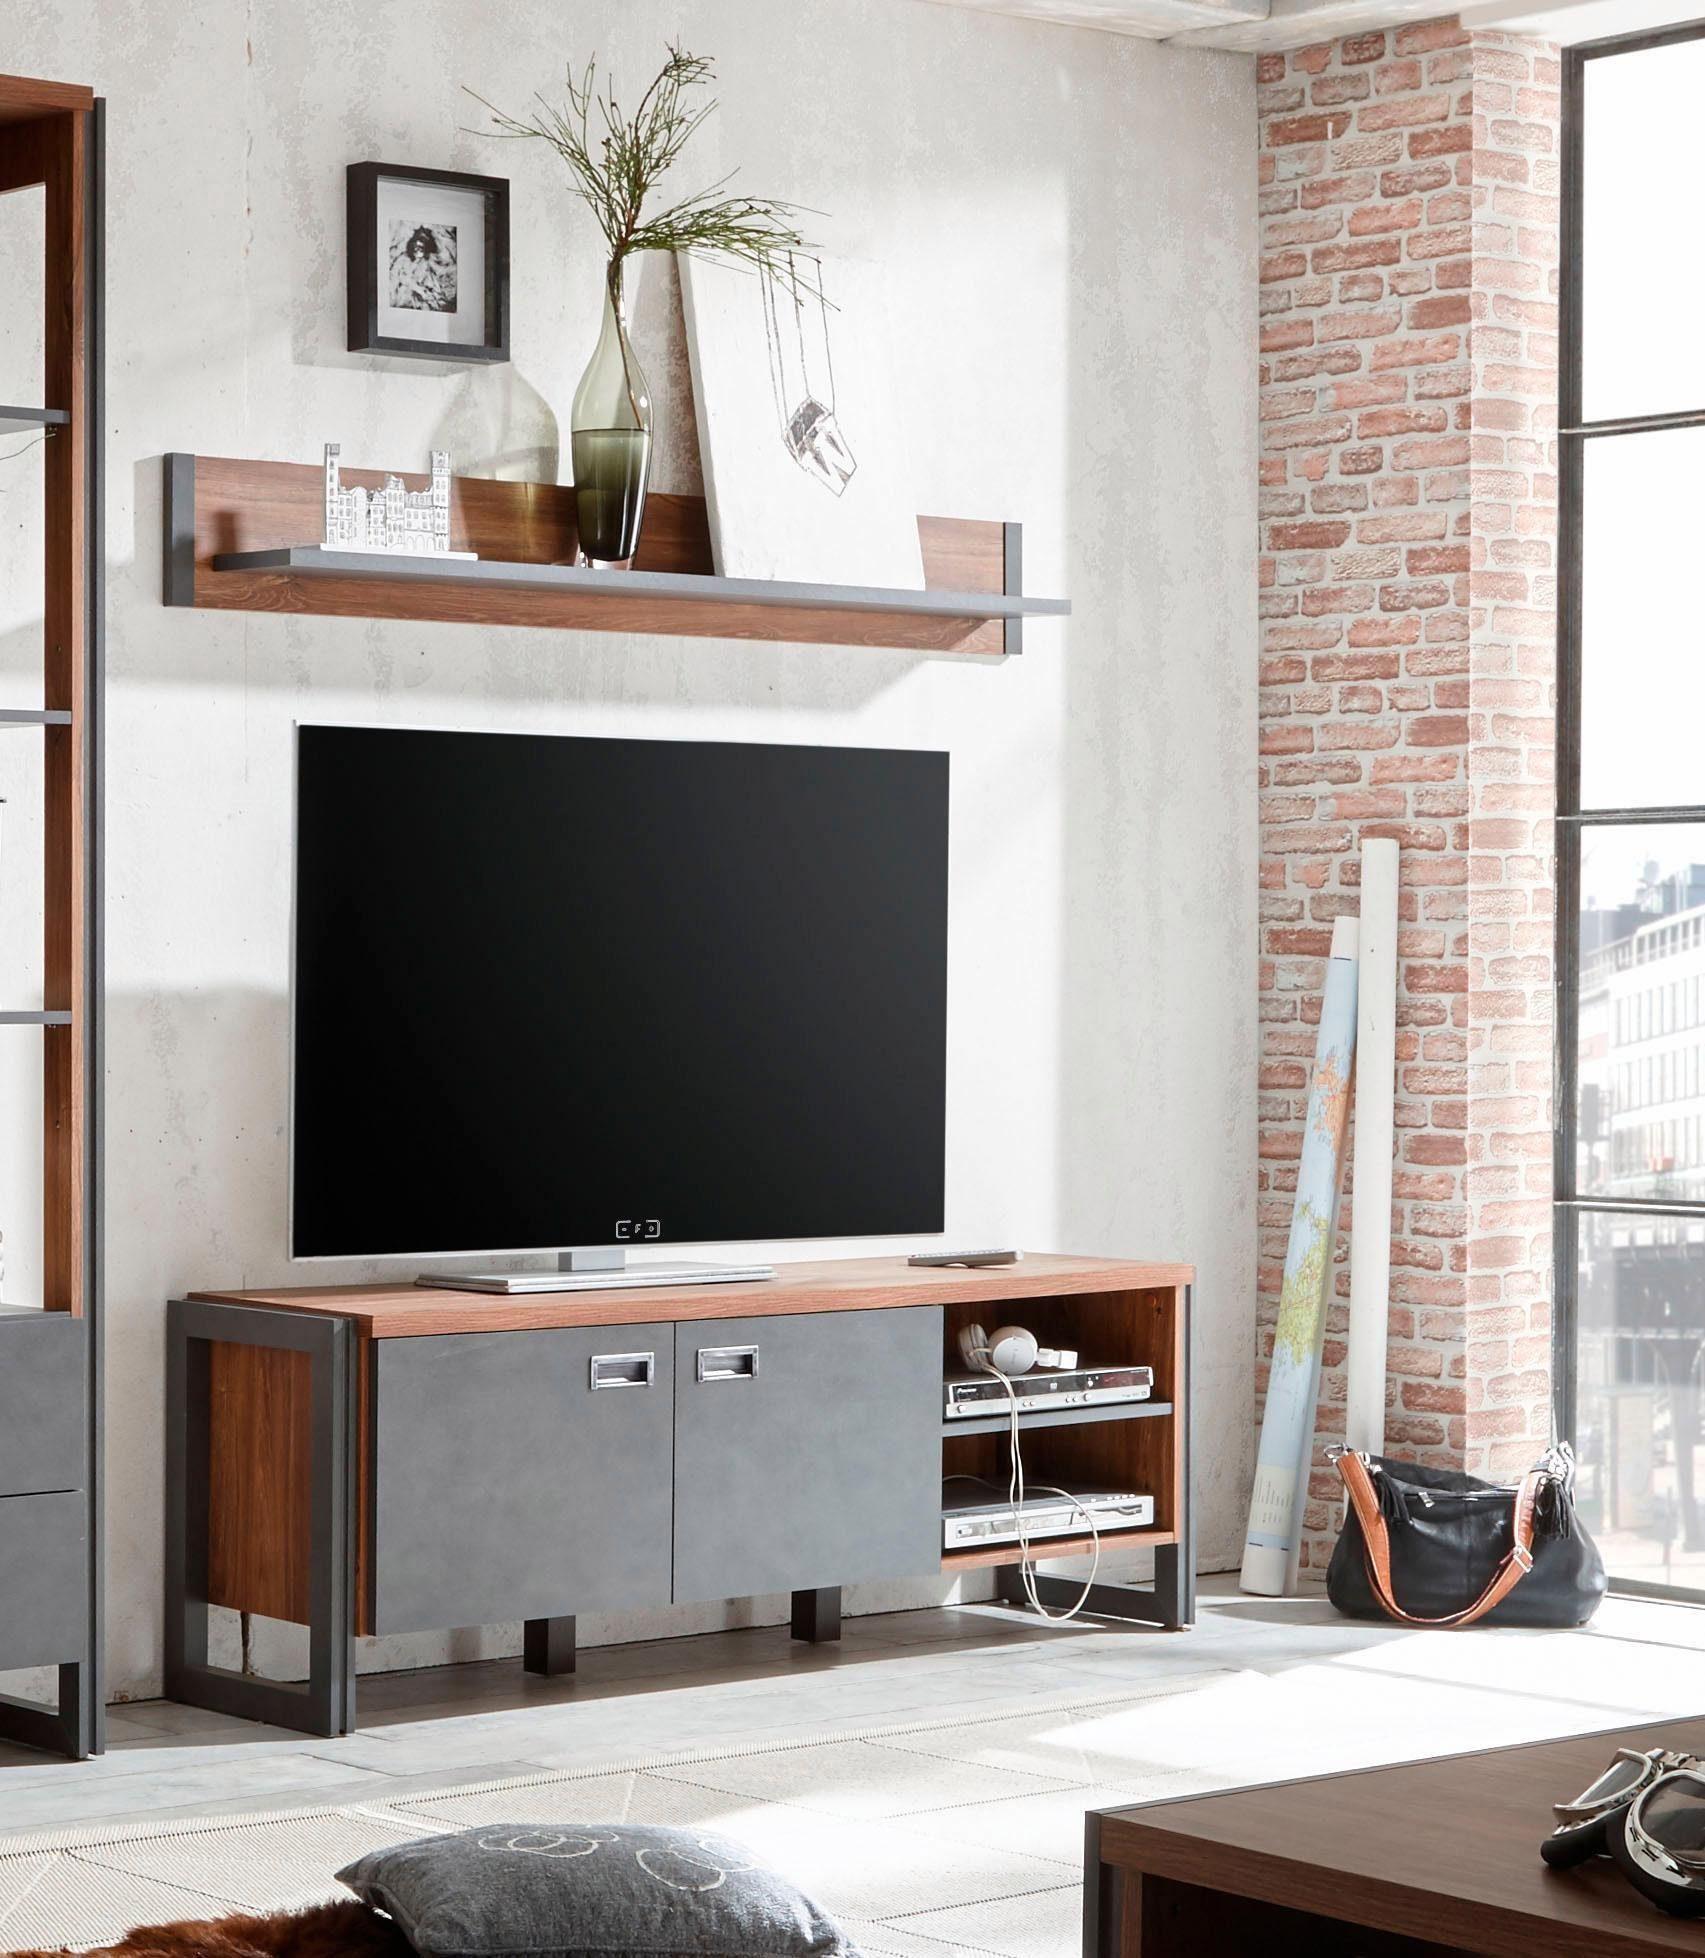 Home affaire Lowboard »Detroit«, Breite 160 cm, im angesagten Industrial Look